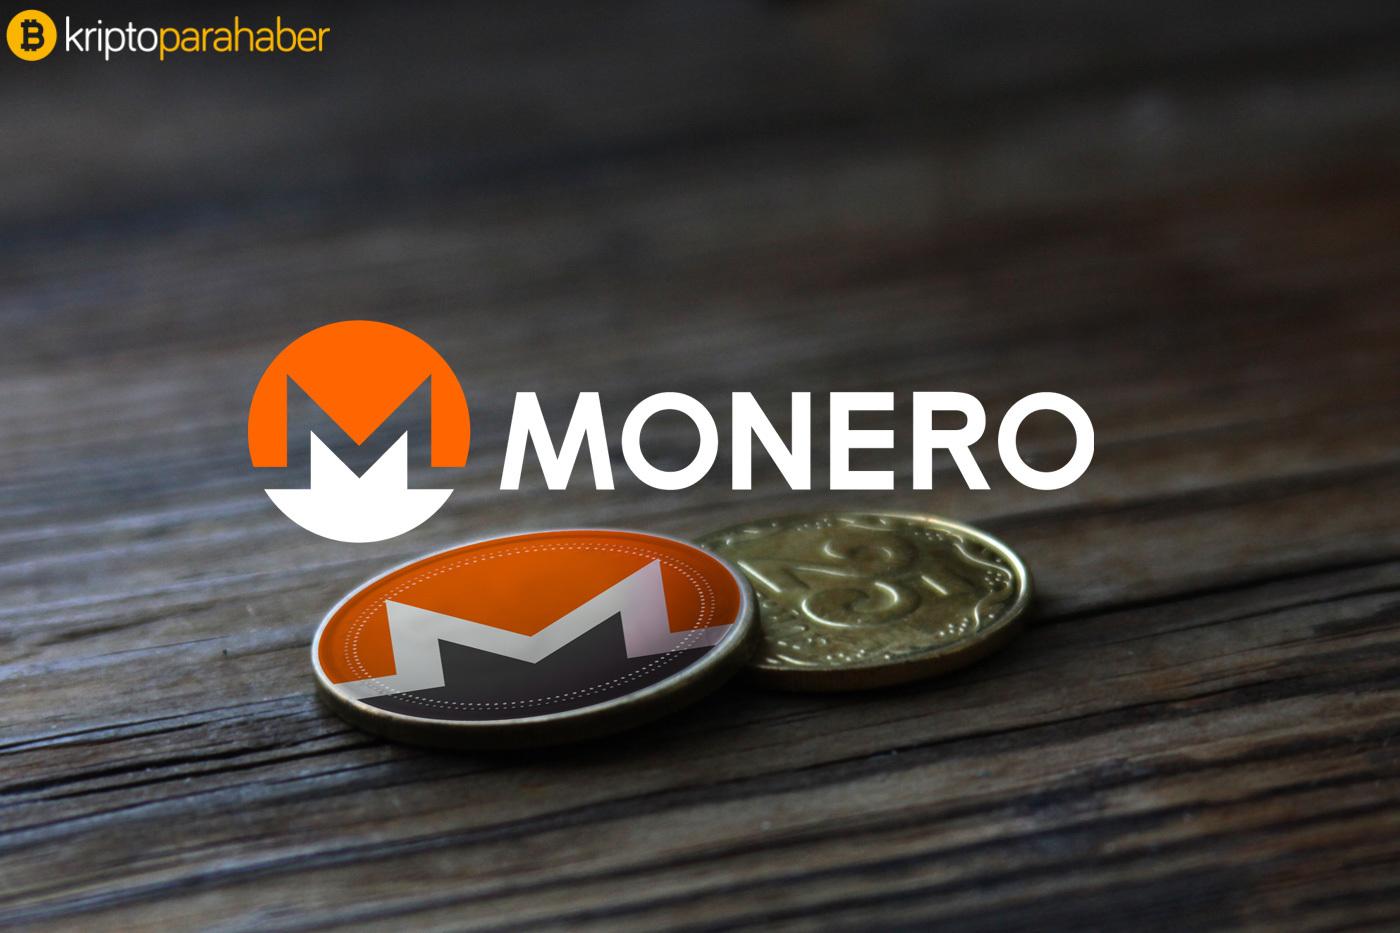 En özel kripto para olan Monero, popülaritesini koruyor